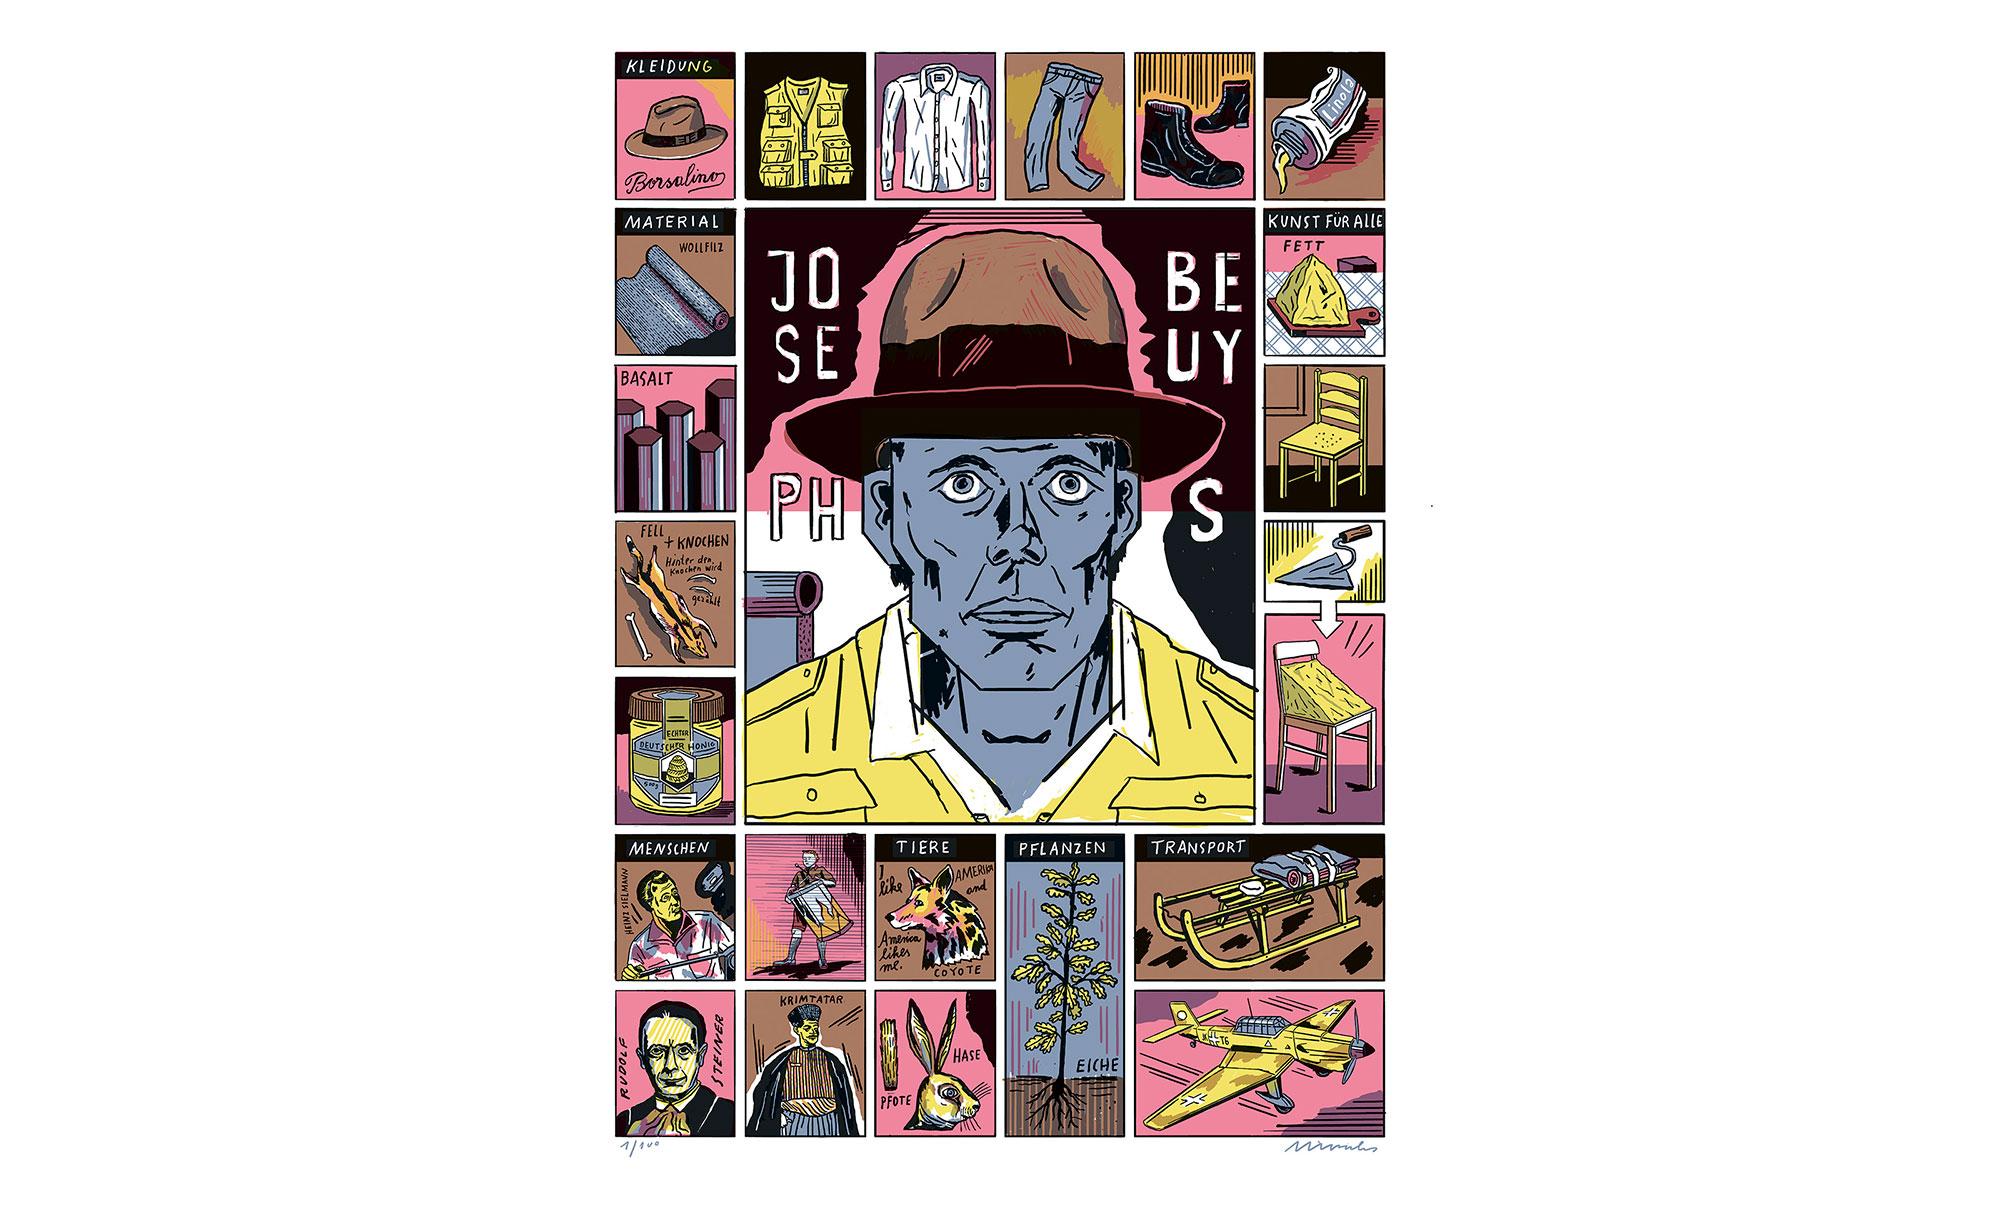 """Der Beuys'sche Kosmos als Setzkasten: Jakob Hinrichs exklusive Siebdruckedition """"Joseph Beuys"""""""